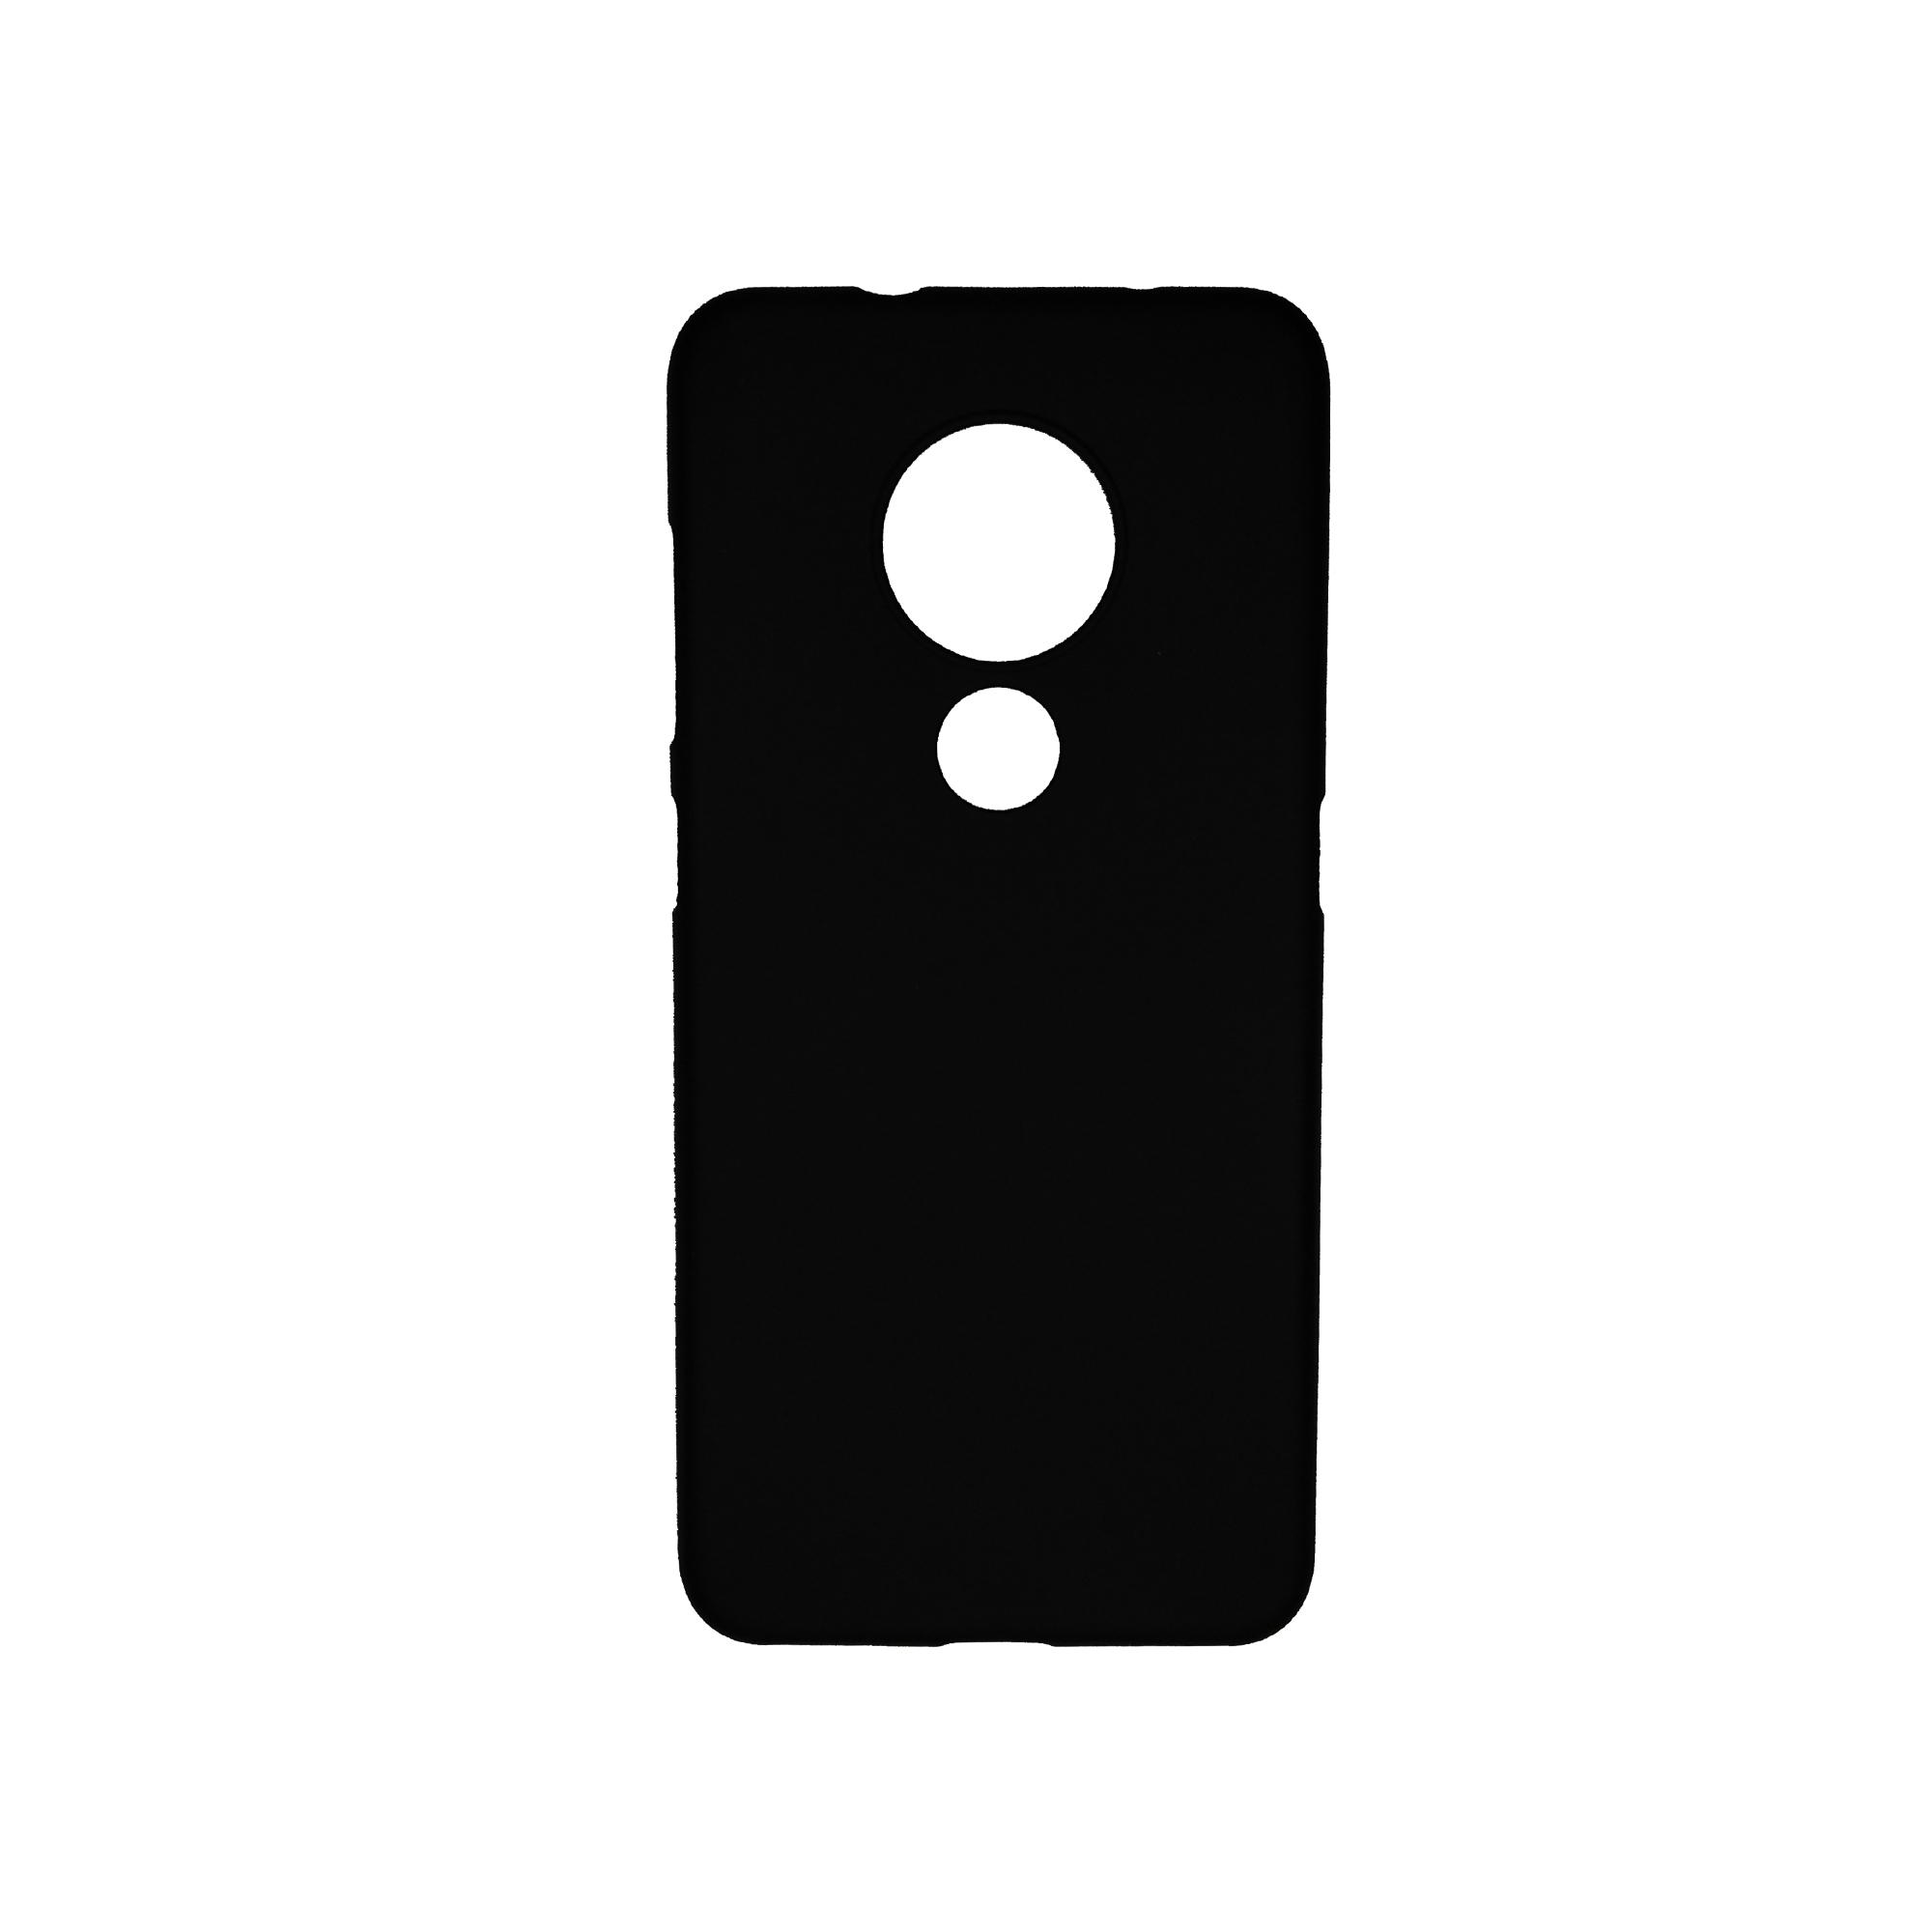 کاور مدل GD-1 مناسب برای گوشی موبایل نوکیا 7.2 / 6.2 thumb 2 1